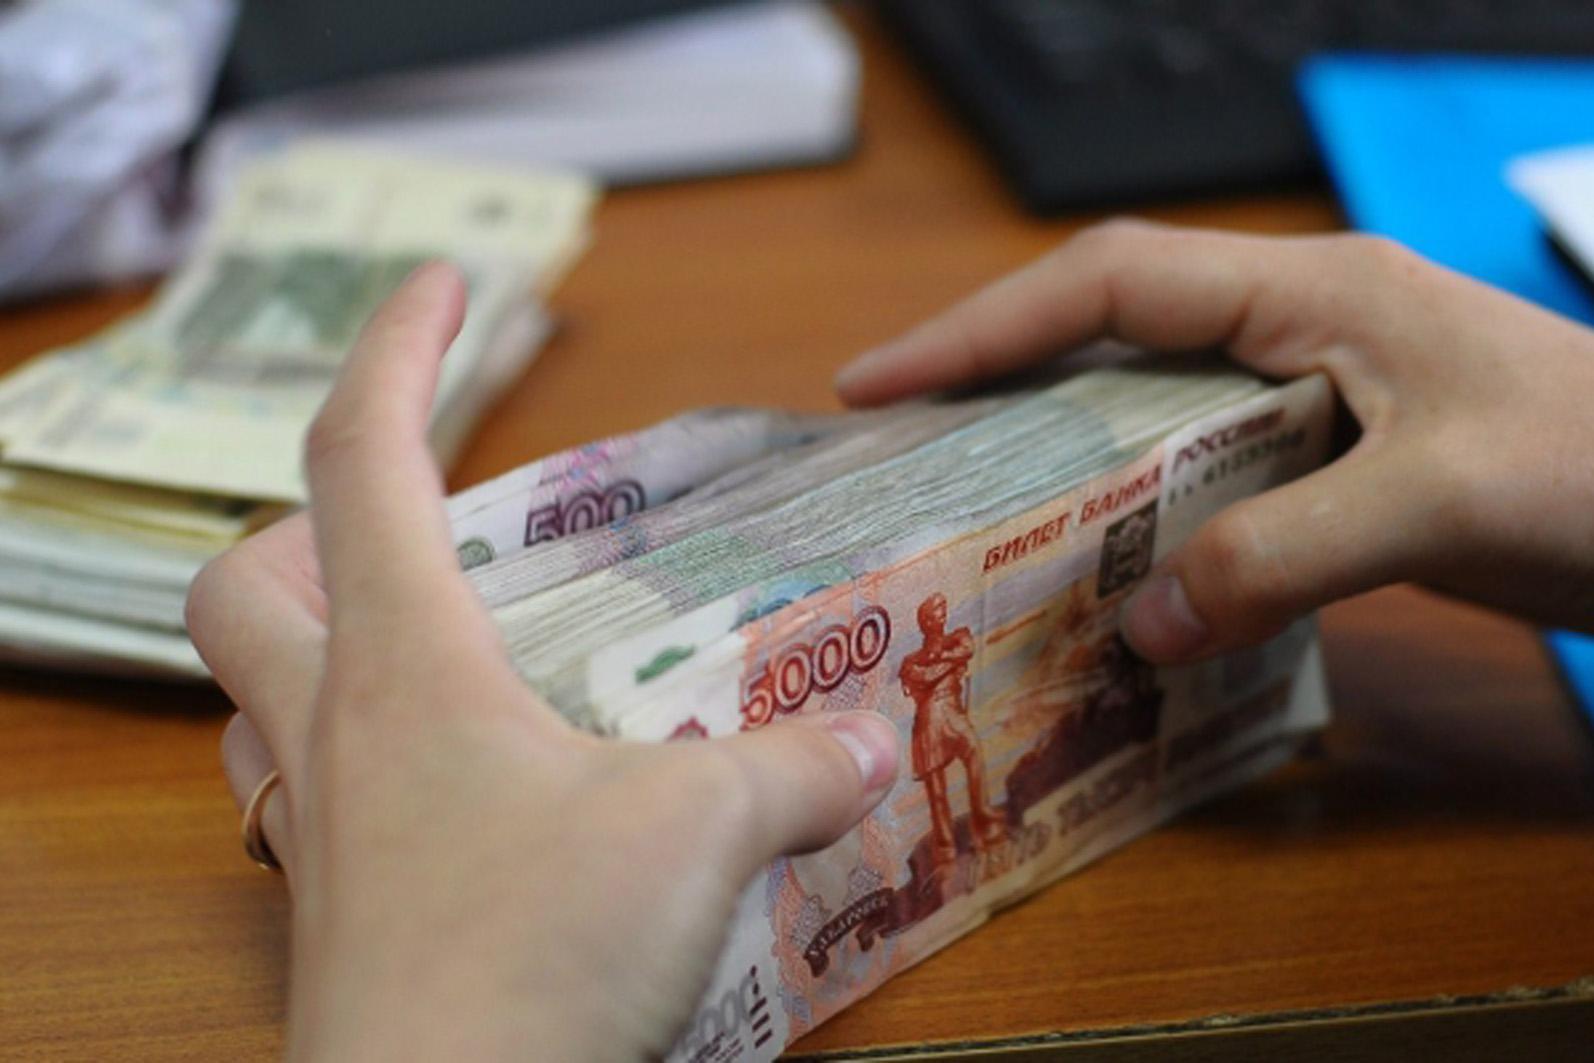 В Нюксенском районе почтальон украла 140 тысяч рублей, выданные ей для выплаты пенсий